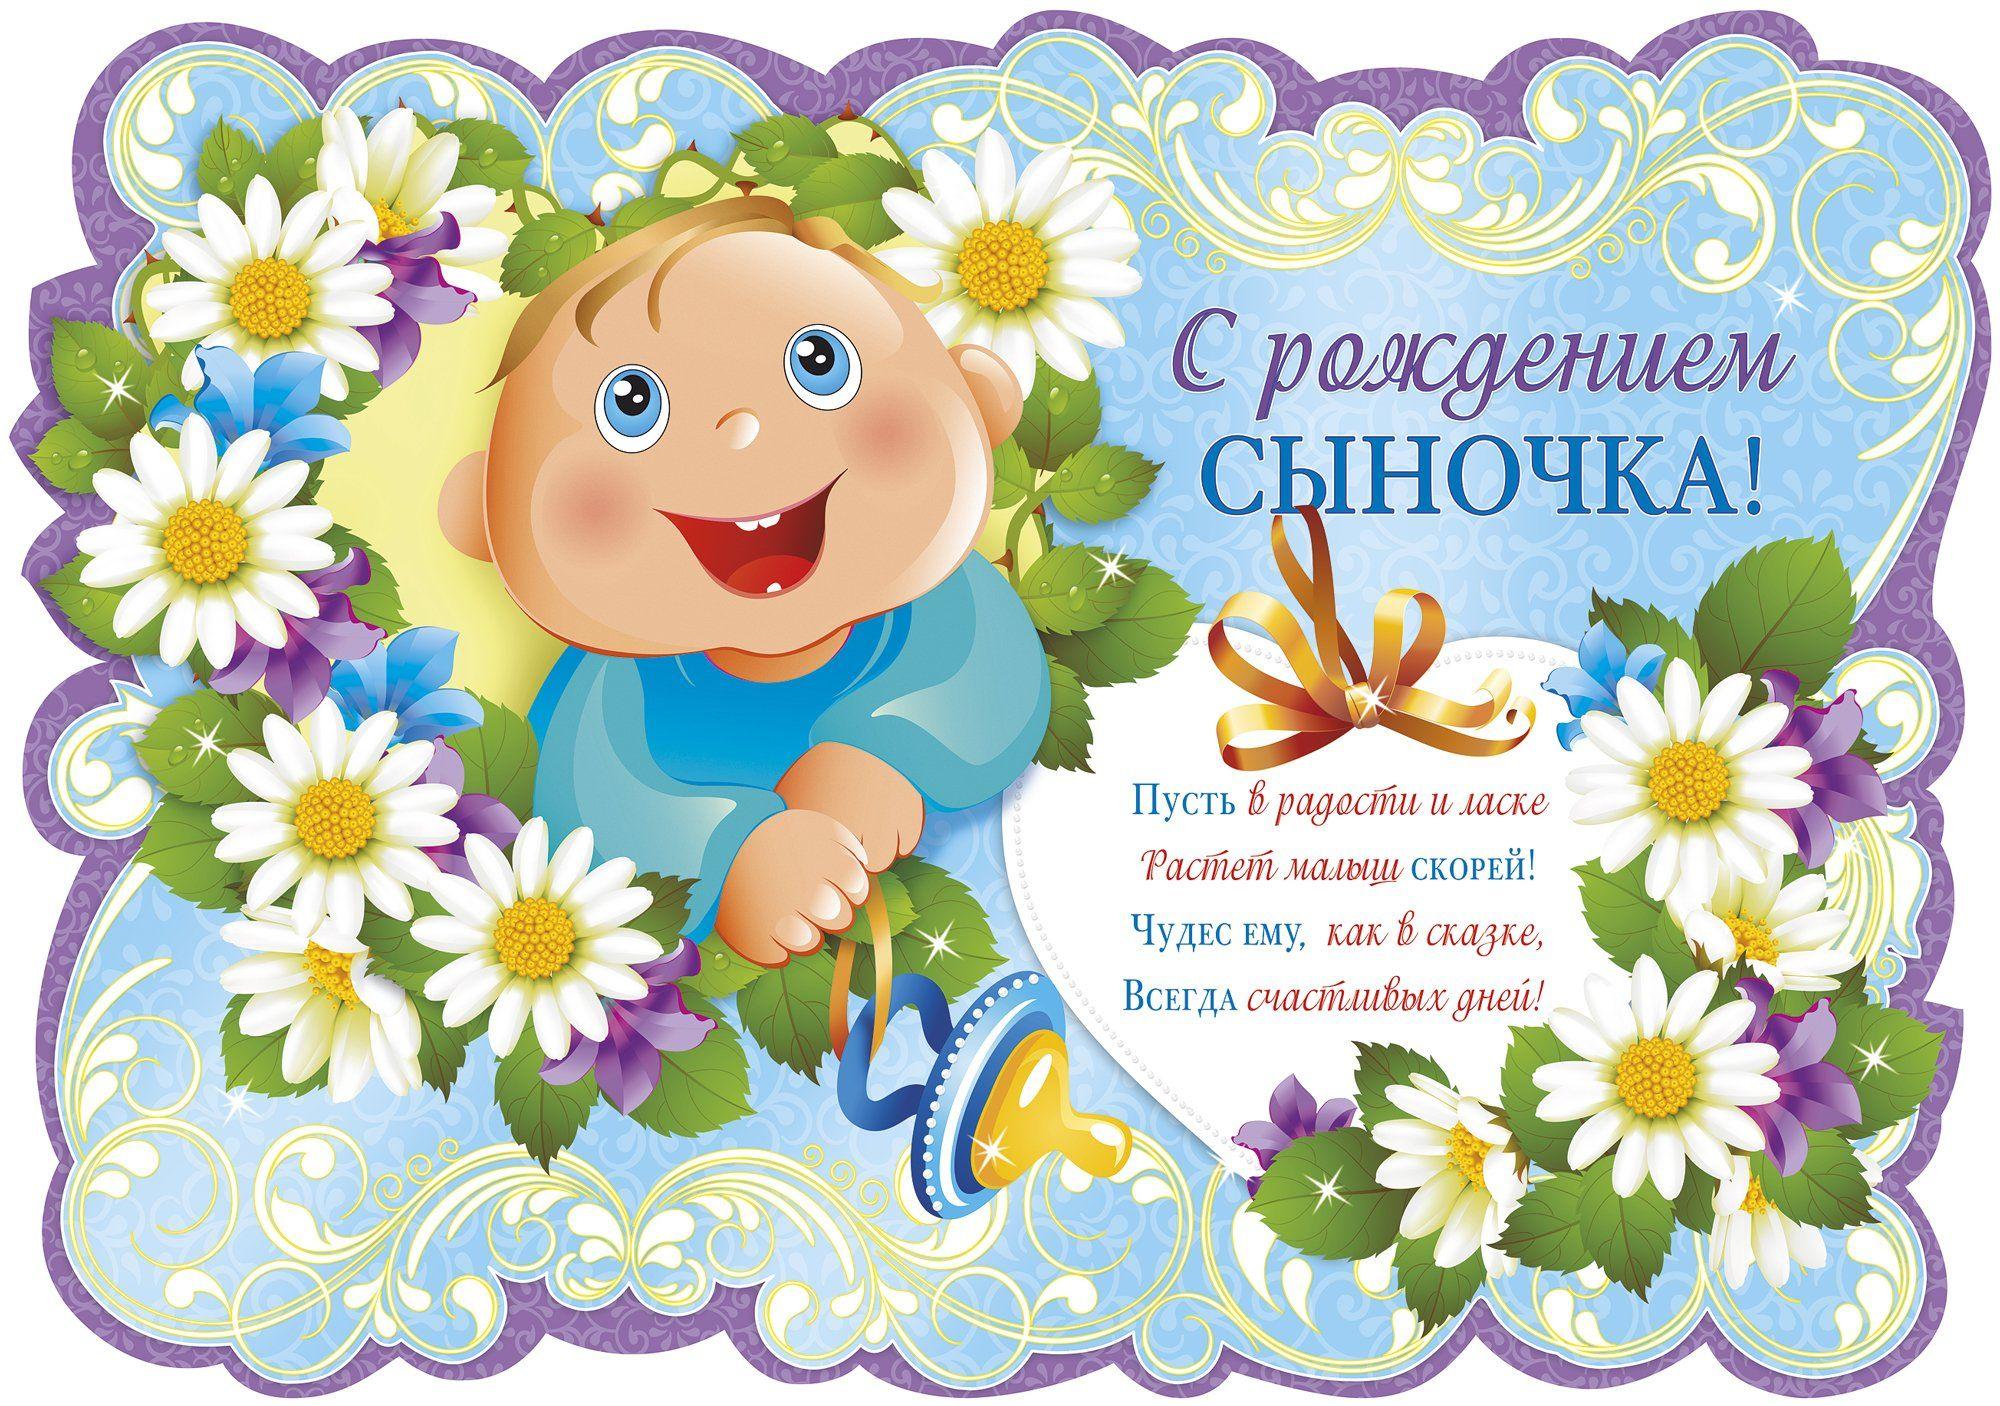 С рождением второго сыночка картинки красивые поздравления, лавандового цвета